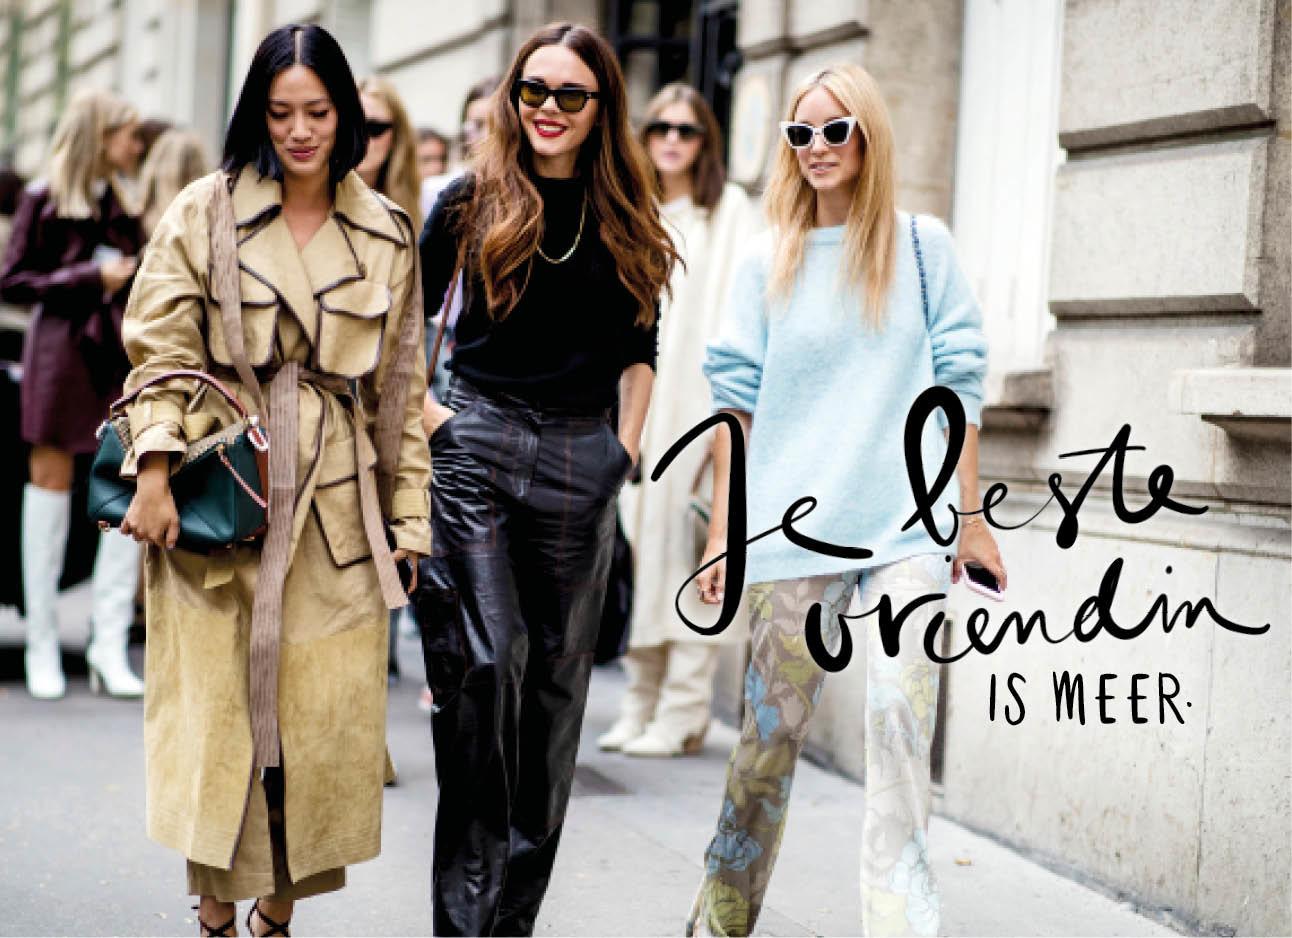 Drie vrouwen op straat streetwear foto mode tijdens fashion week